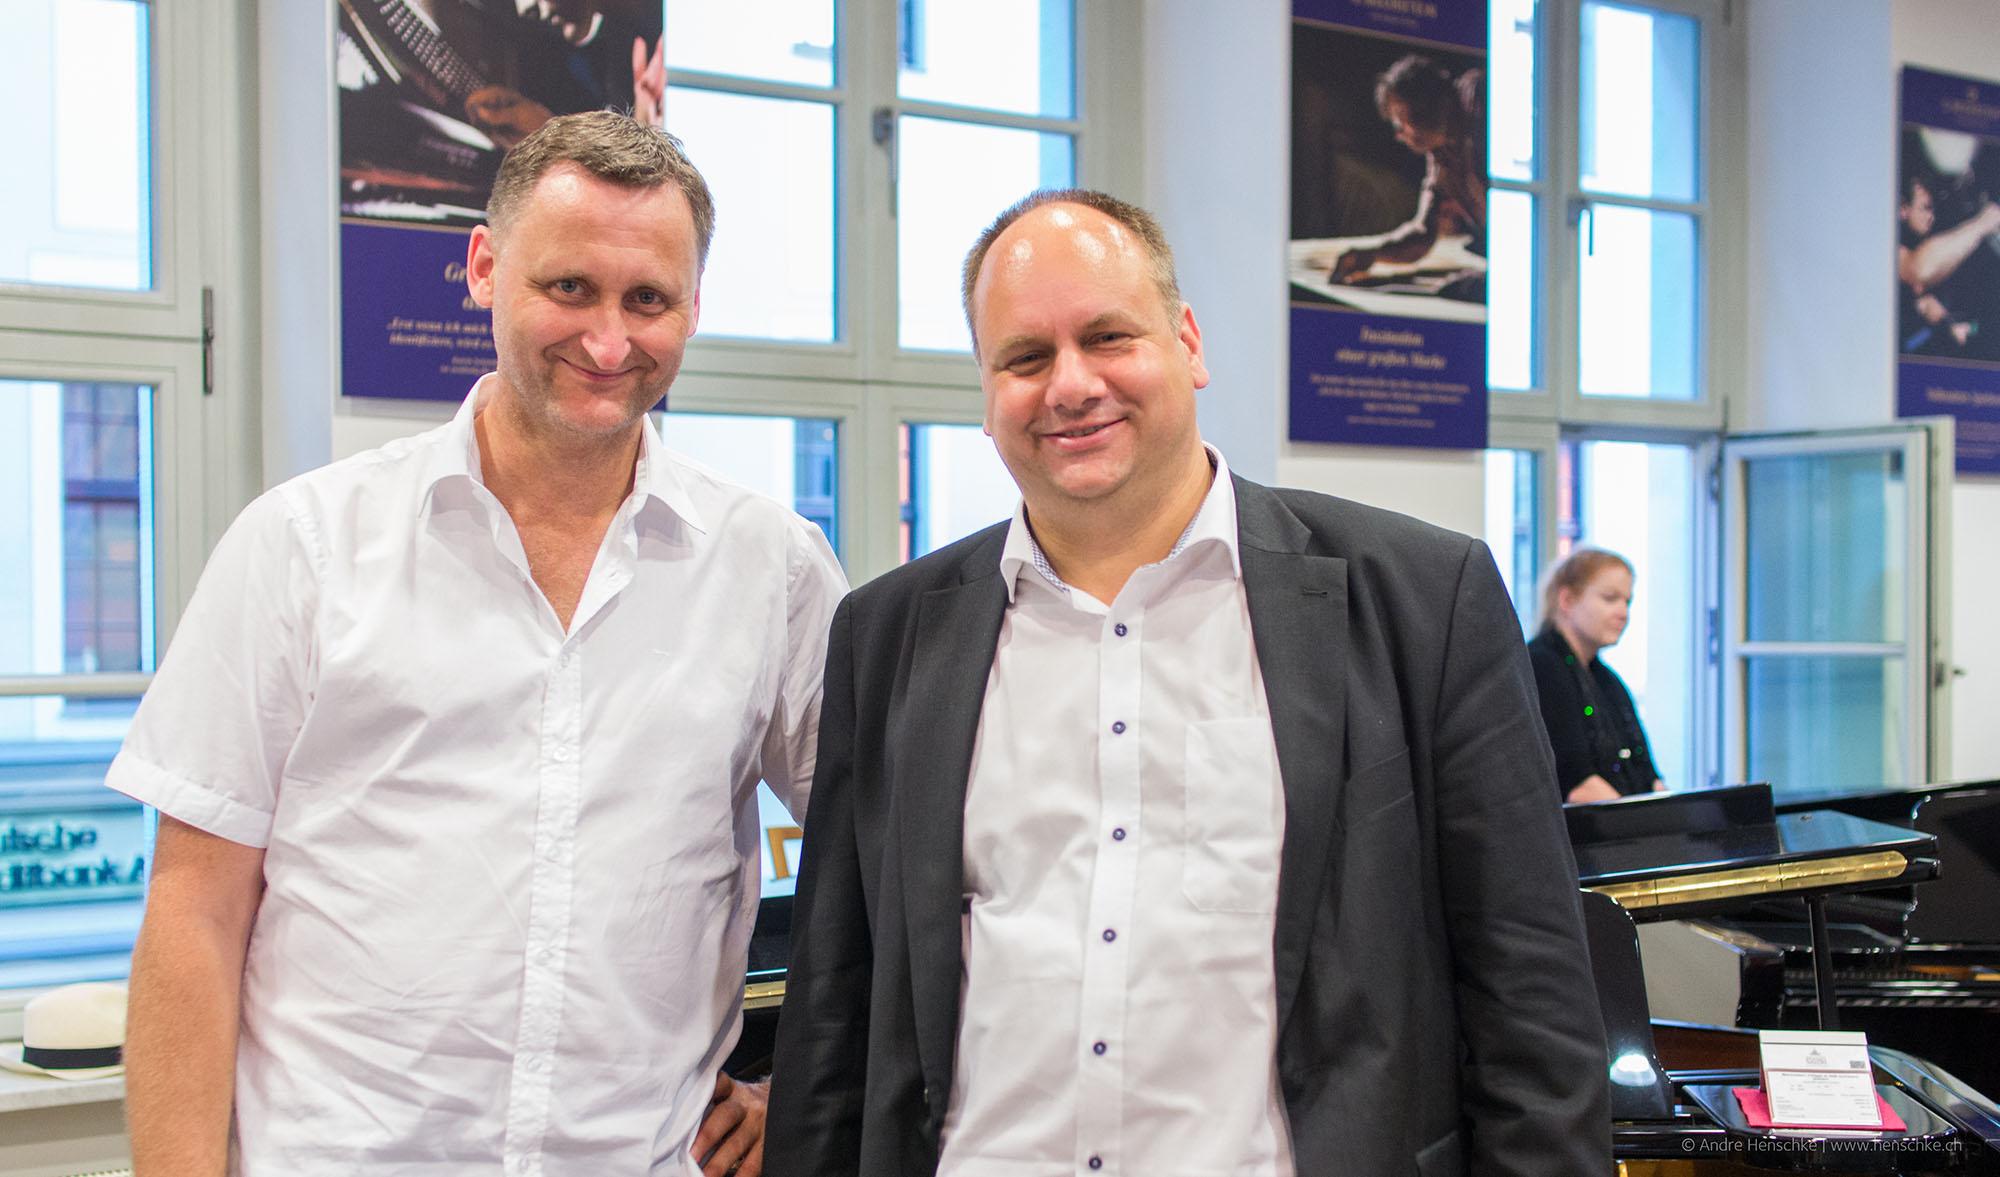 Initiator der Montagslesung, Dirk Kohl (Weltbuch, li.) und Dirk Hilbert, Dresdner Oberbürgermeister